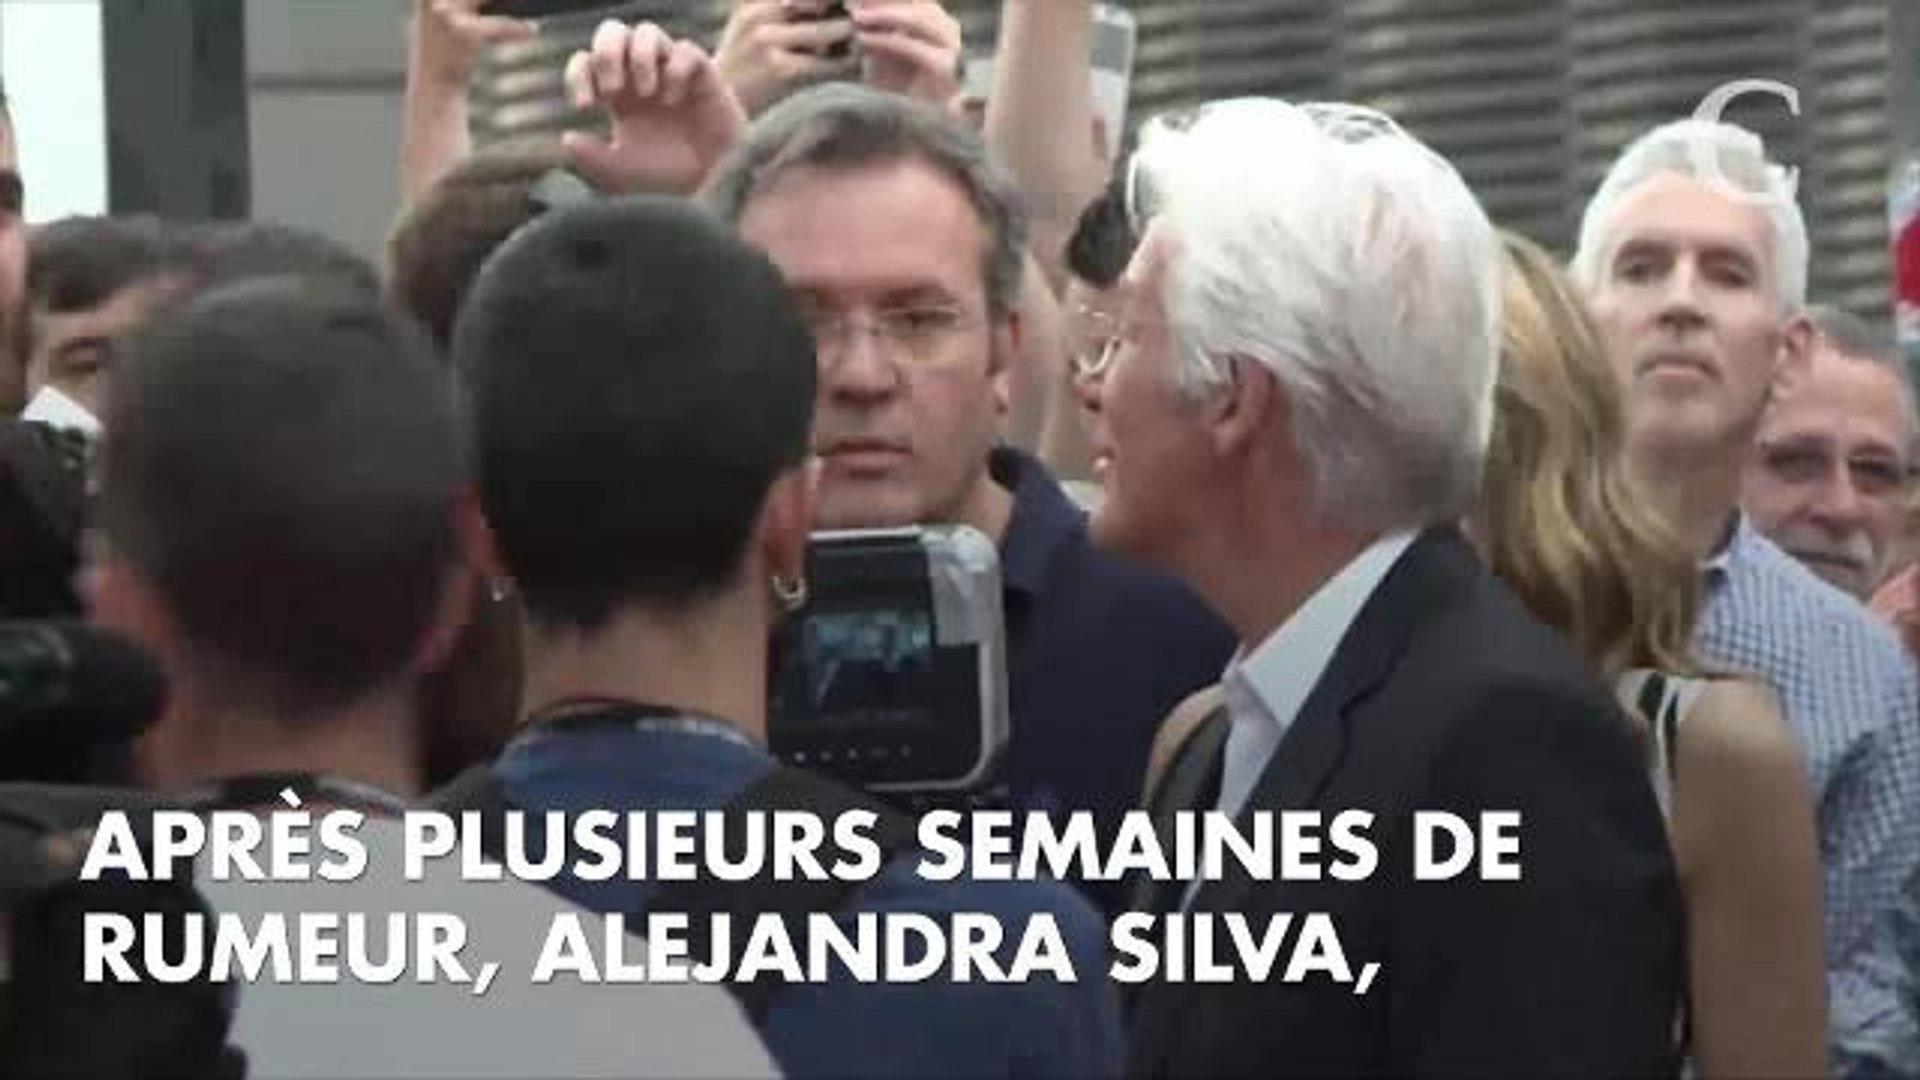 Richard Gere, Alain Delon, Eric Judor... Les stars papa après 50 ans